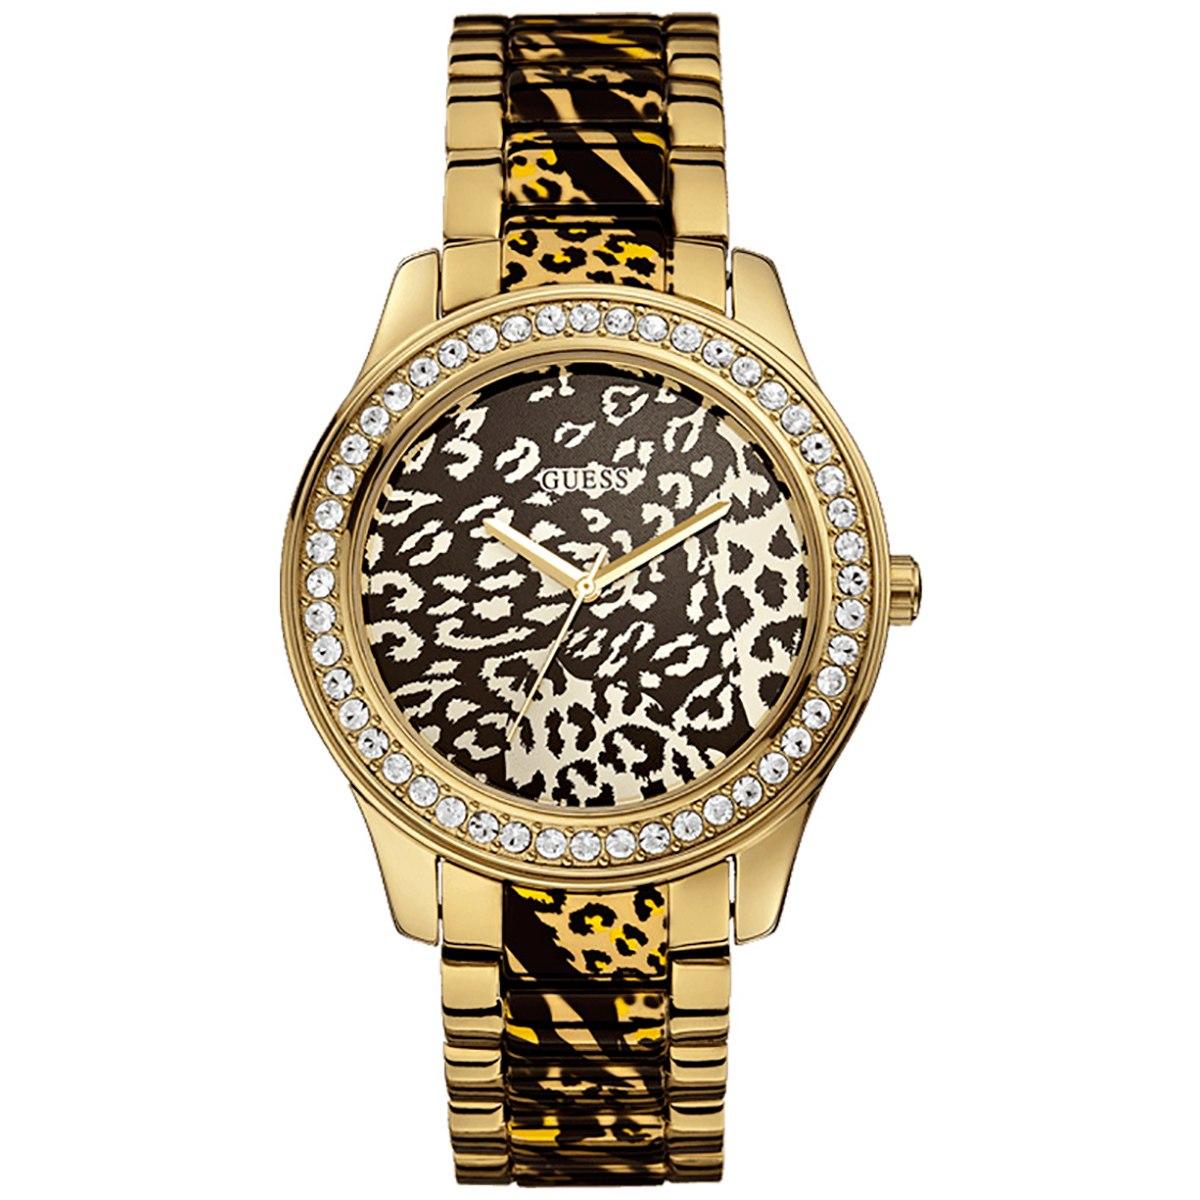 2e2ff483432 Relógio guess feminino lpgsda em mercado livre jpg 1200x1200 92538lpgsda1  relogio guess